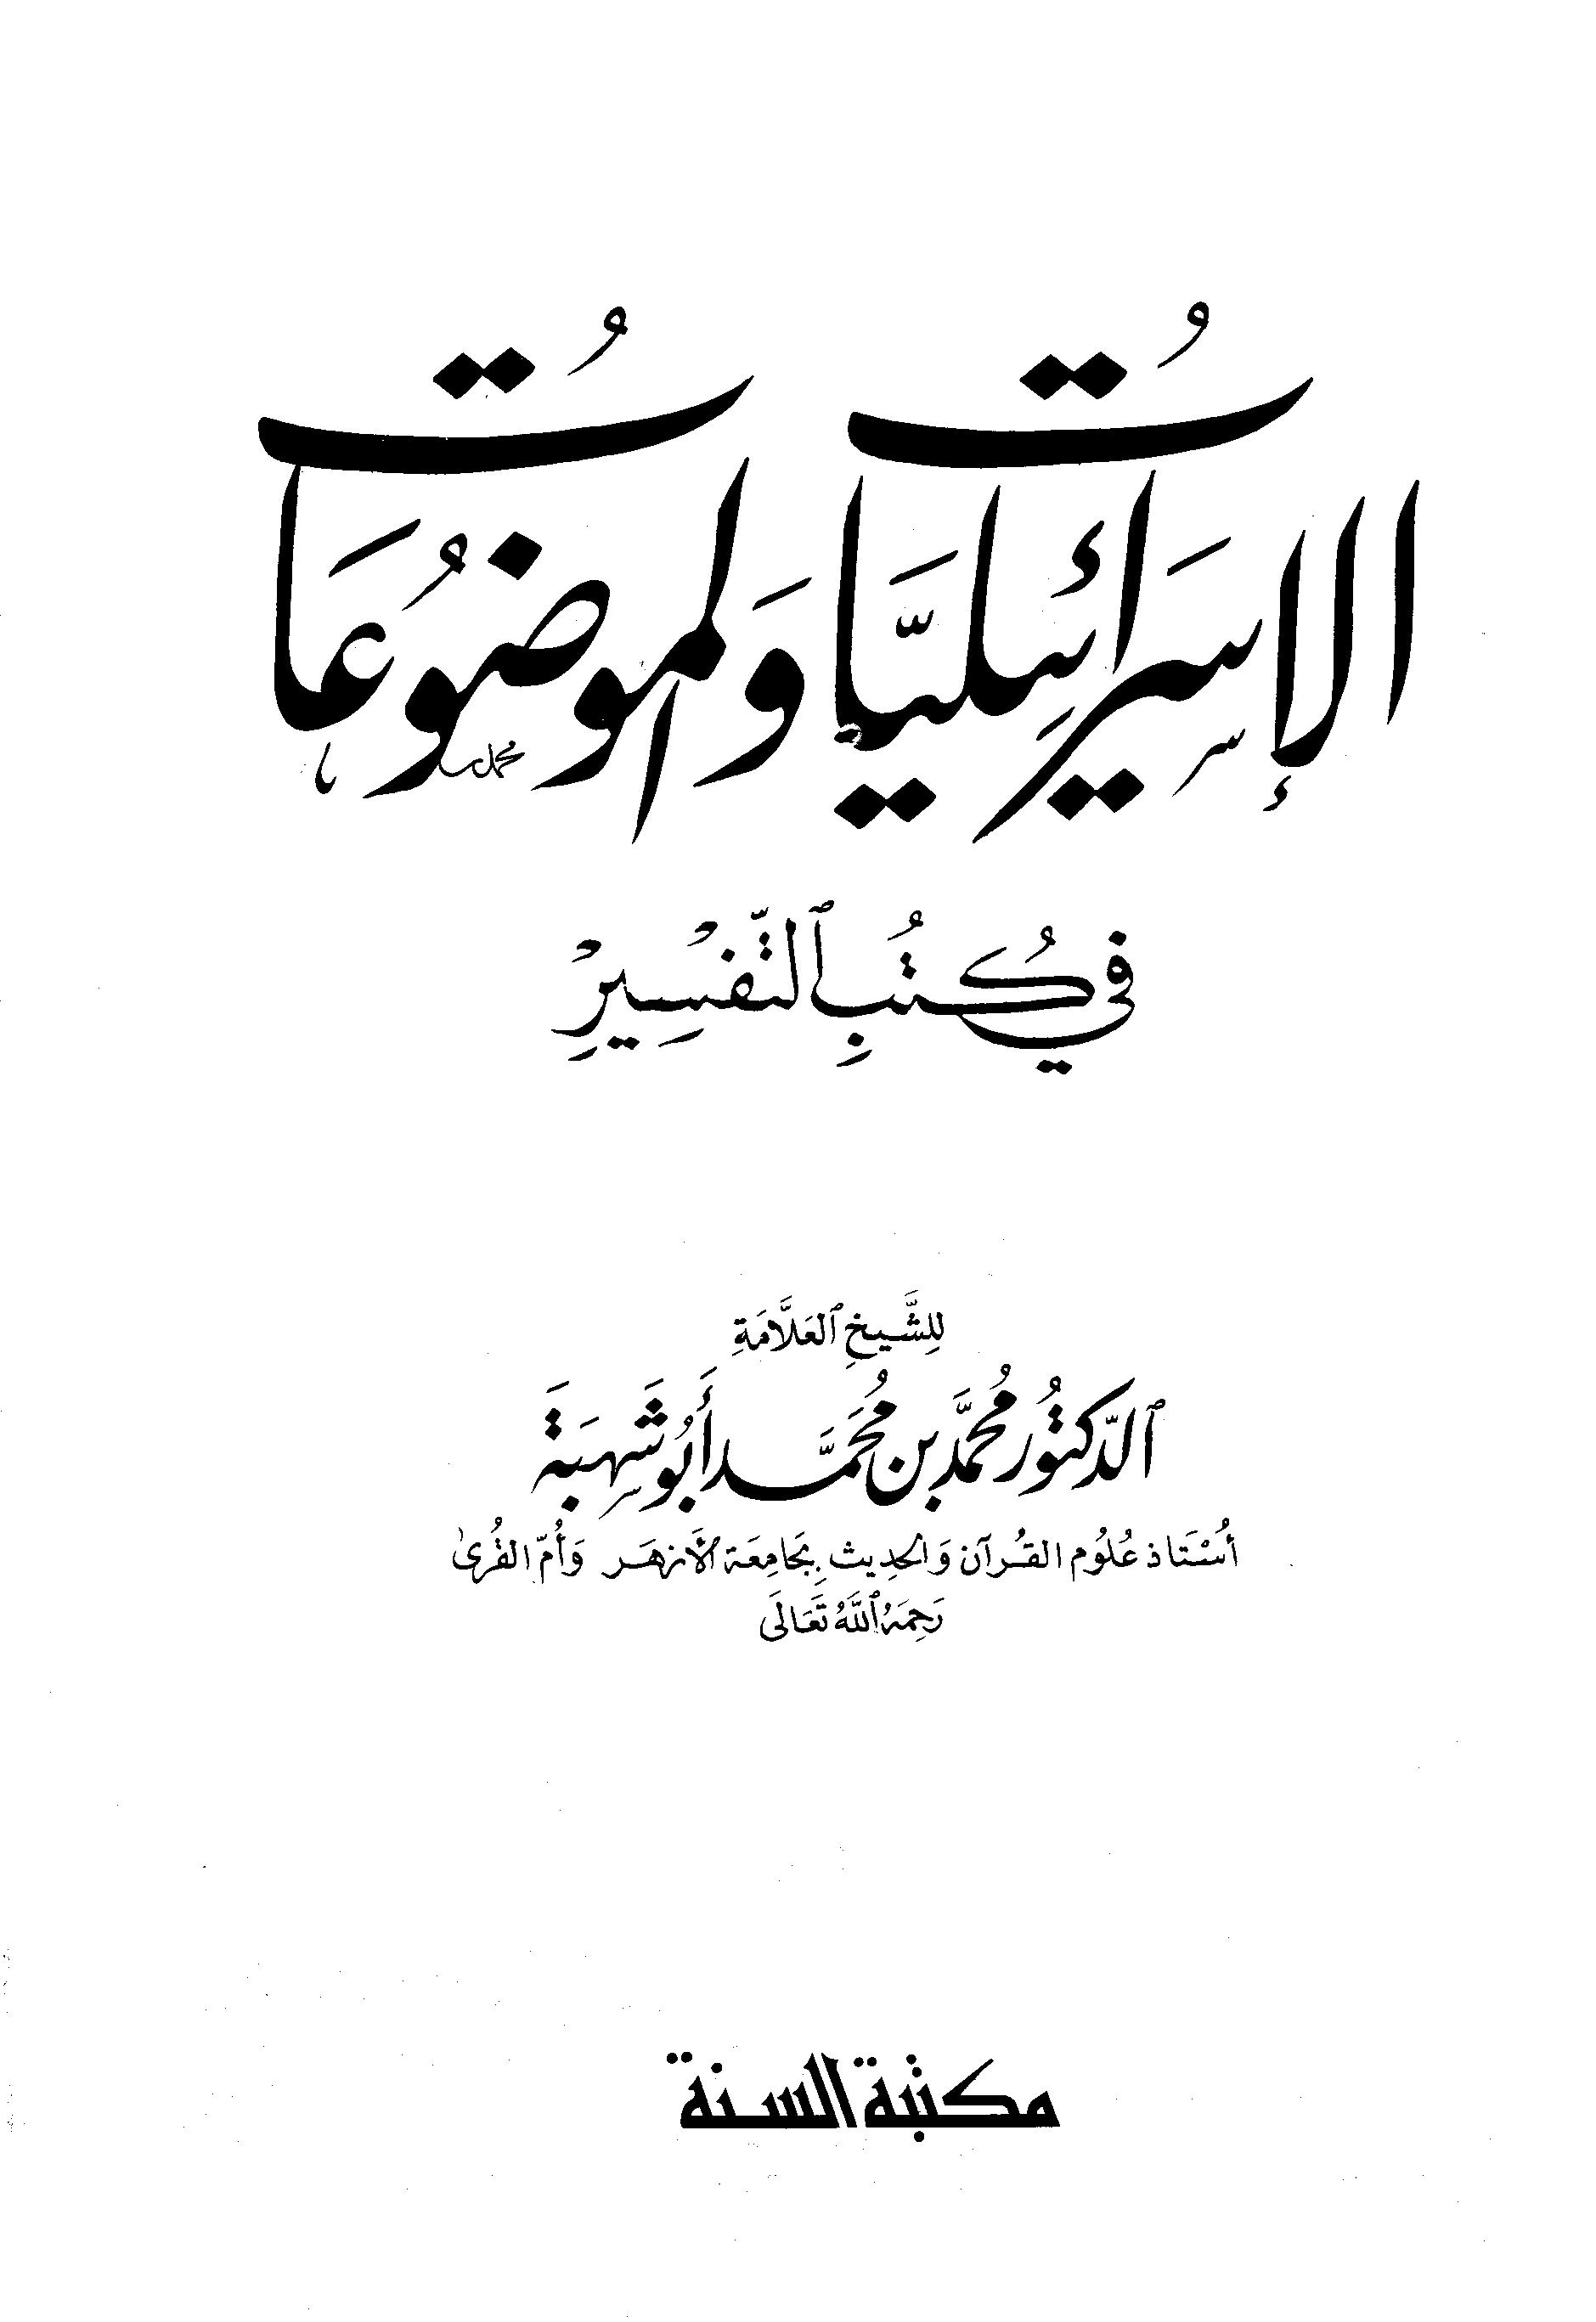 تحميل كتاب الإسرائيليات والموضوعات في كتب التفسير لـِ: الدكتور محمد بن محمد بن سويلم أبو شهبة (ت 1403)